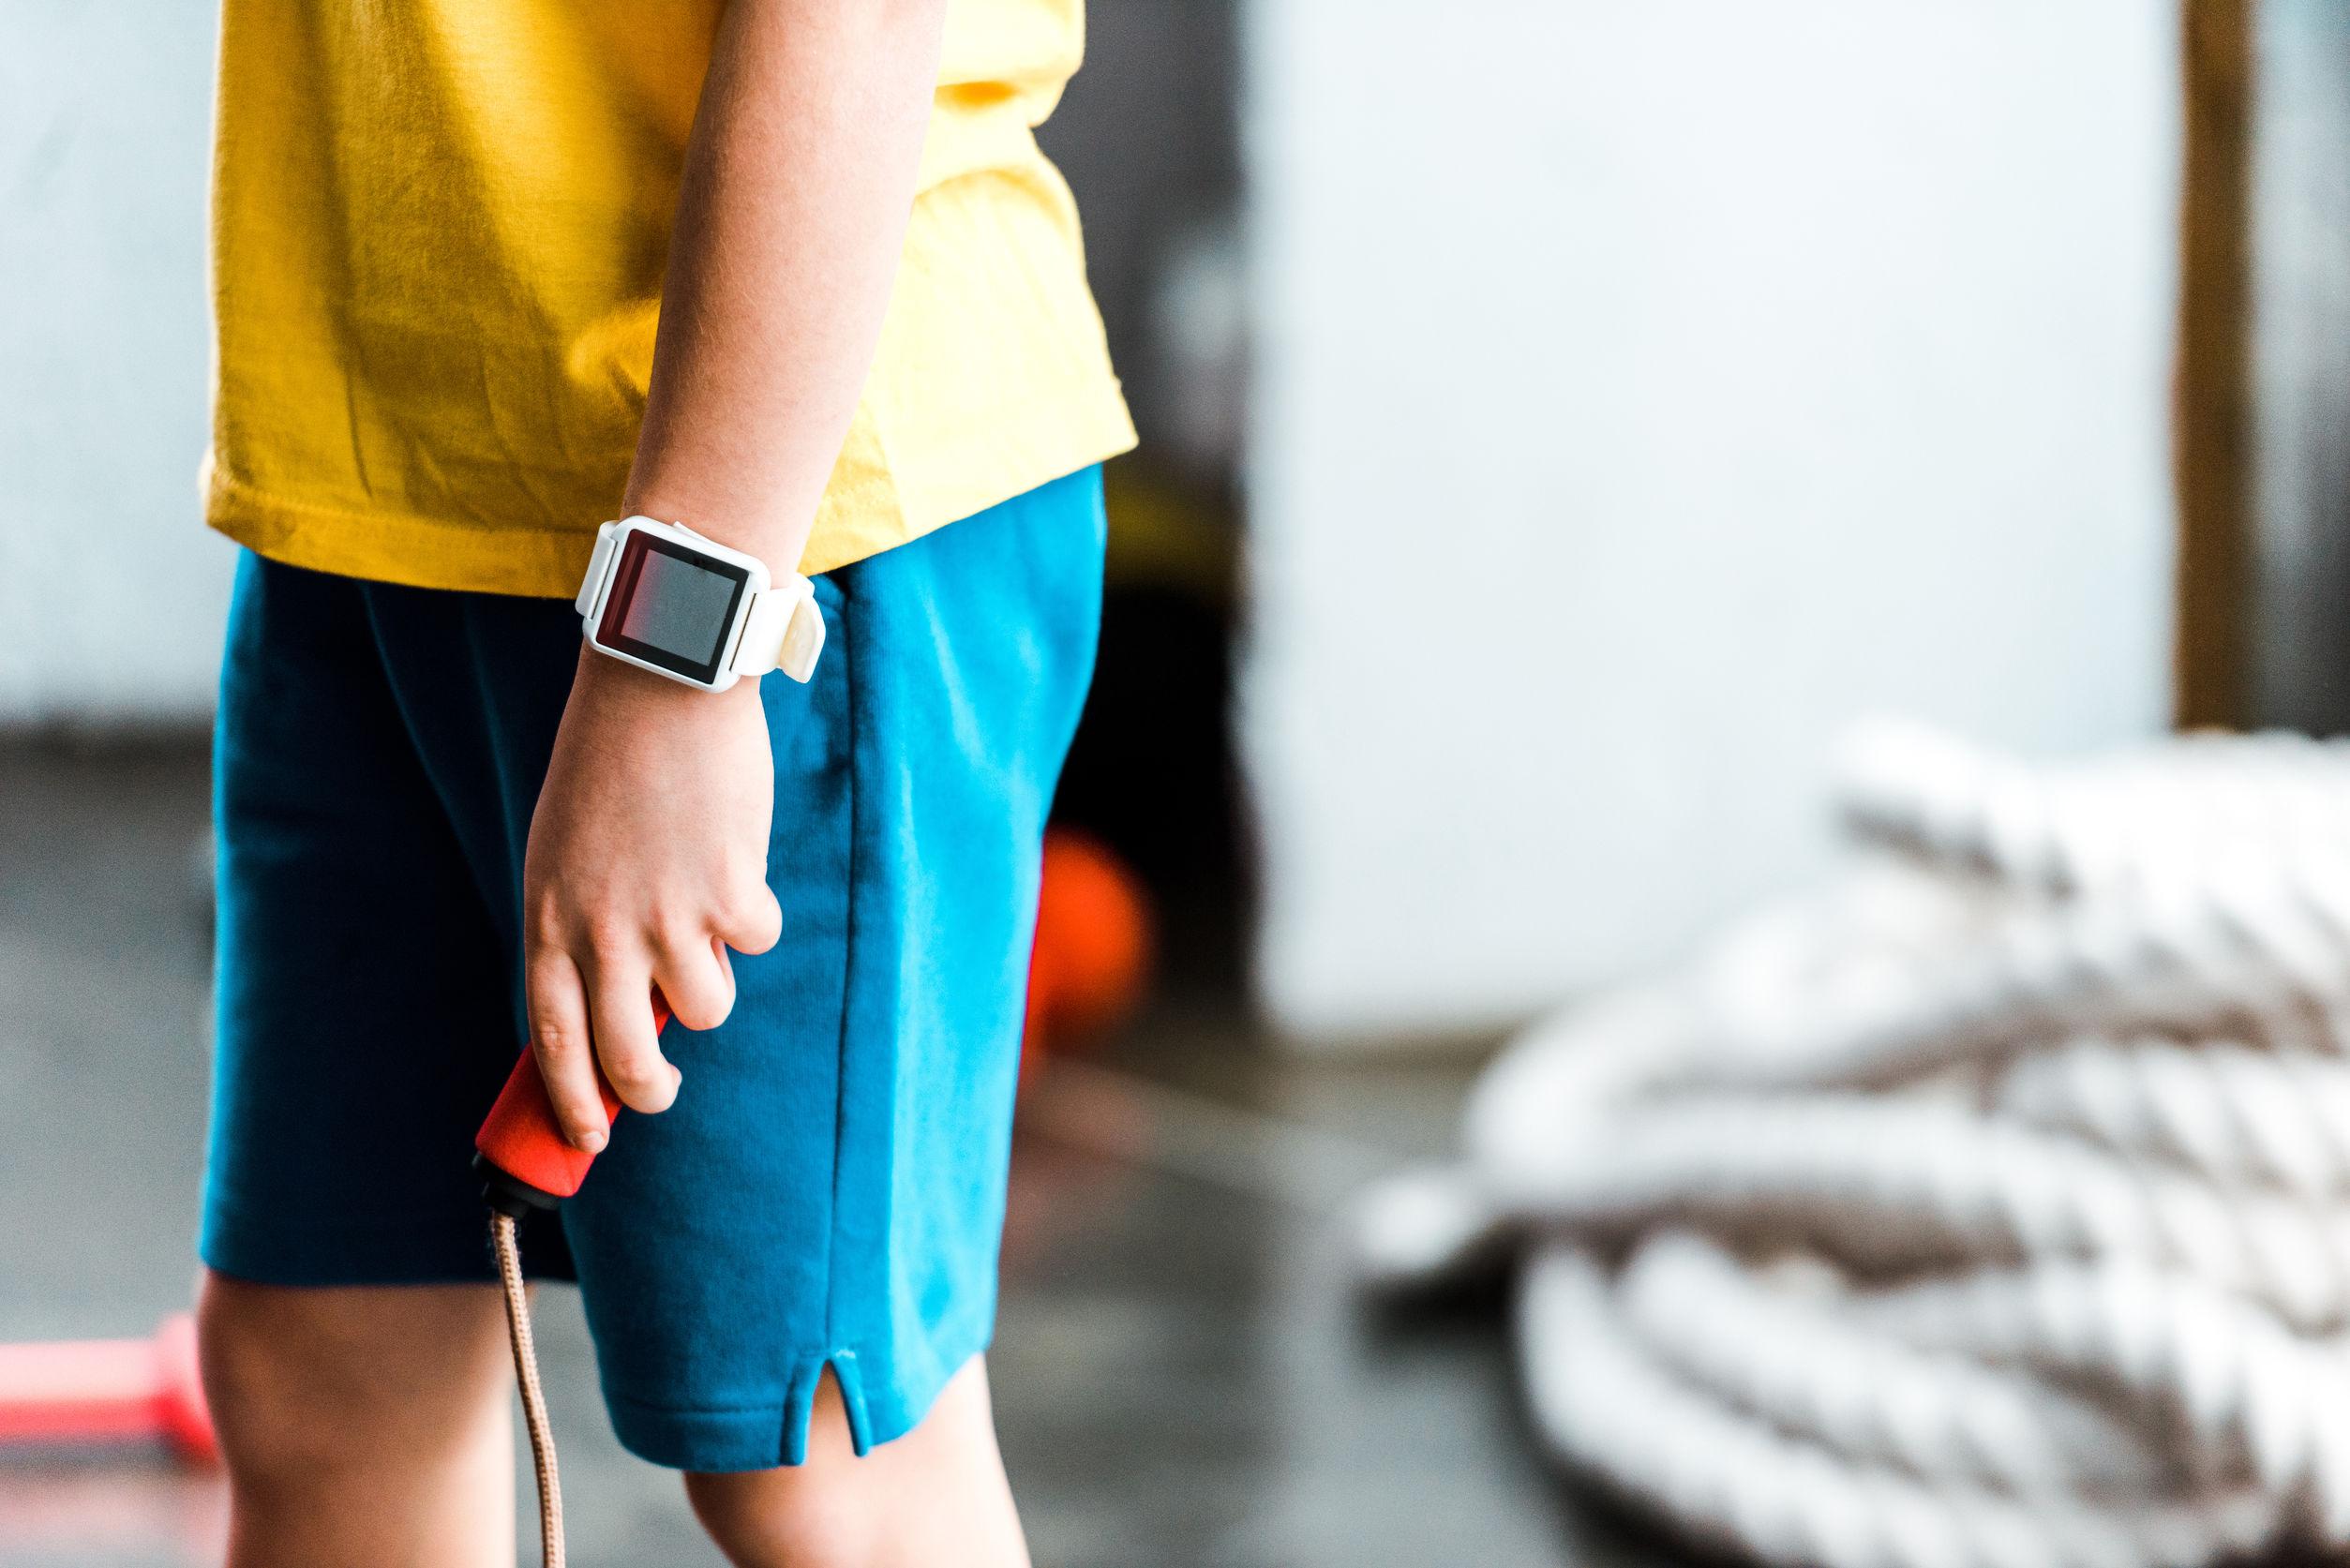 Criança com smartwatch infantil.